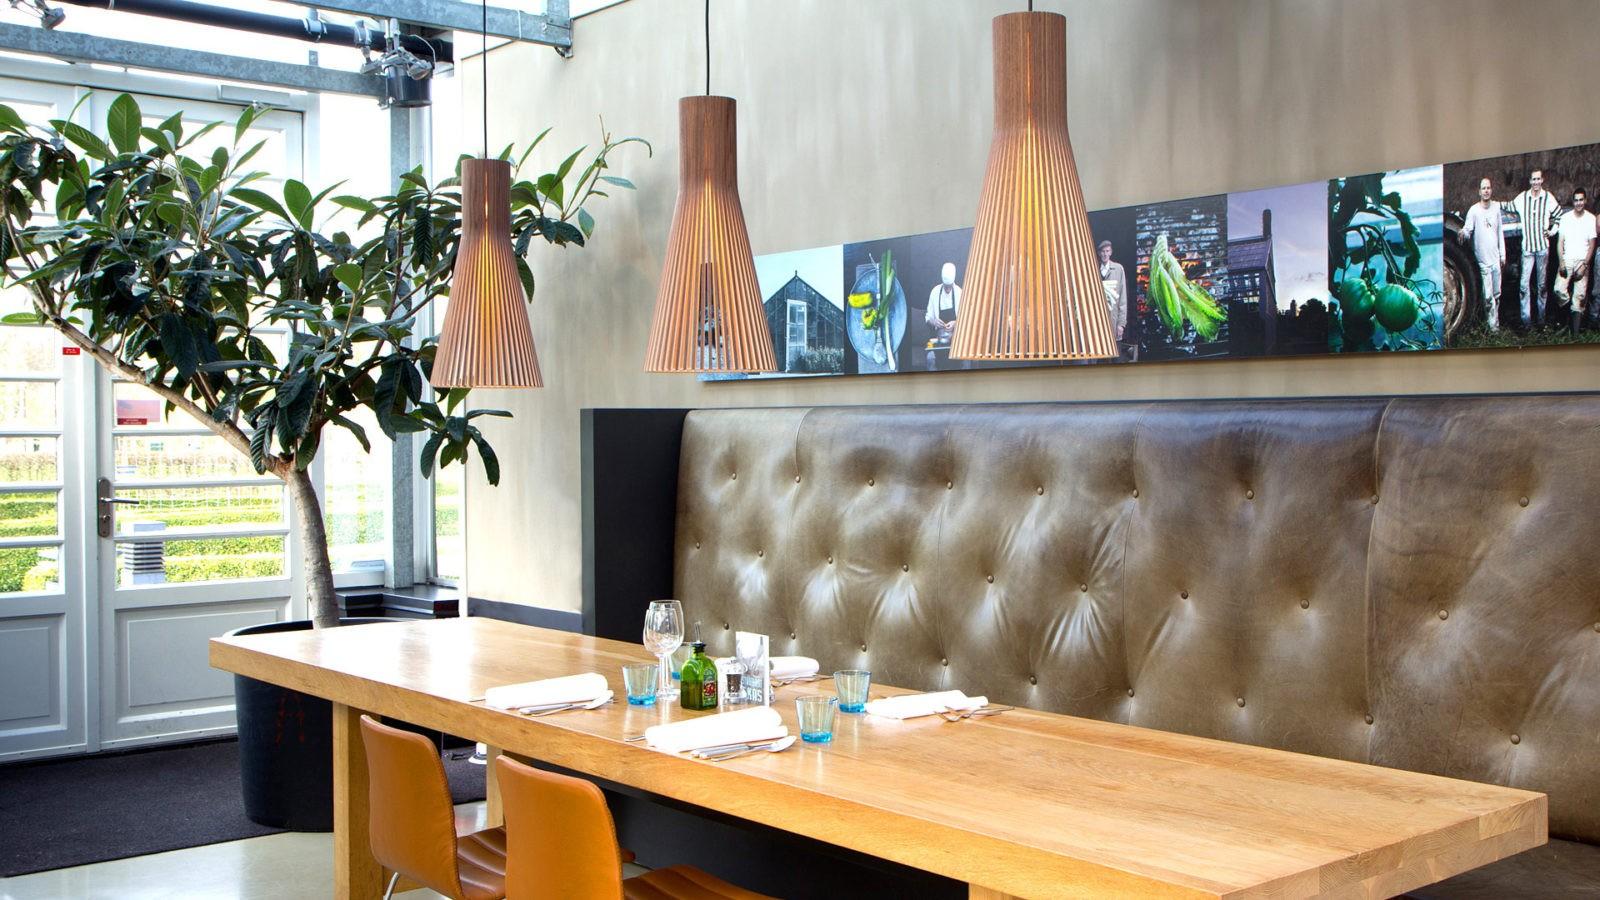 lampe-a-suspension-lausanne-pierre-et-bois-secto-design-suisse-lampes-luminaires-design-decoration-vaud-geneve-valais-fribourg-neuchatel-jura